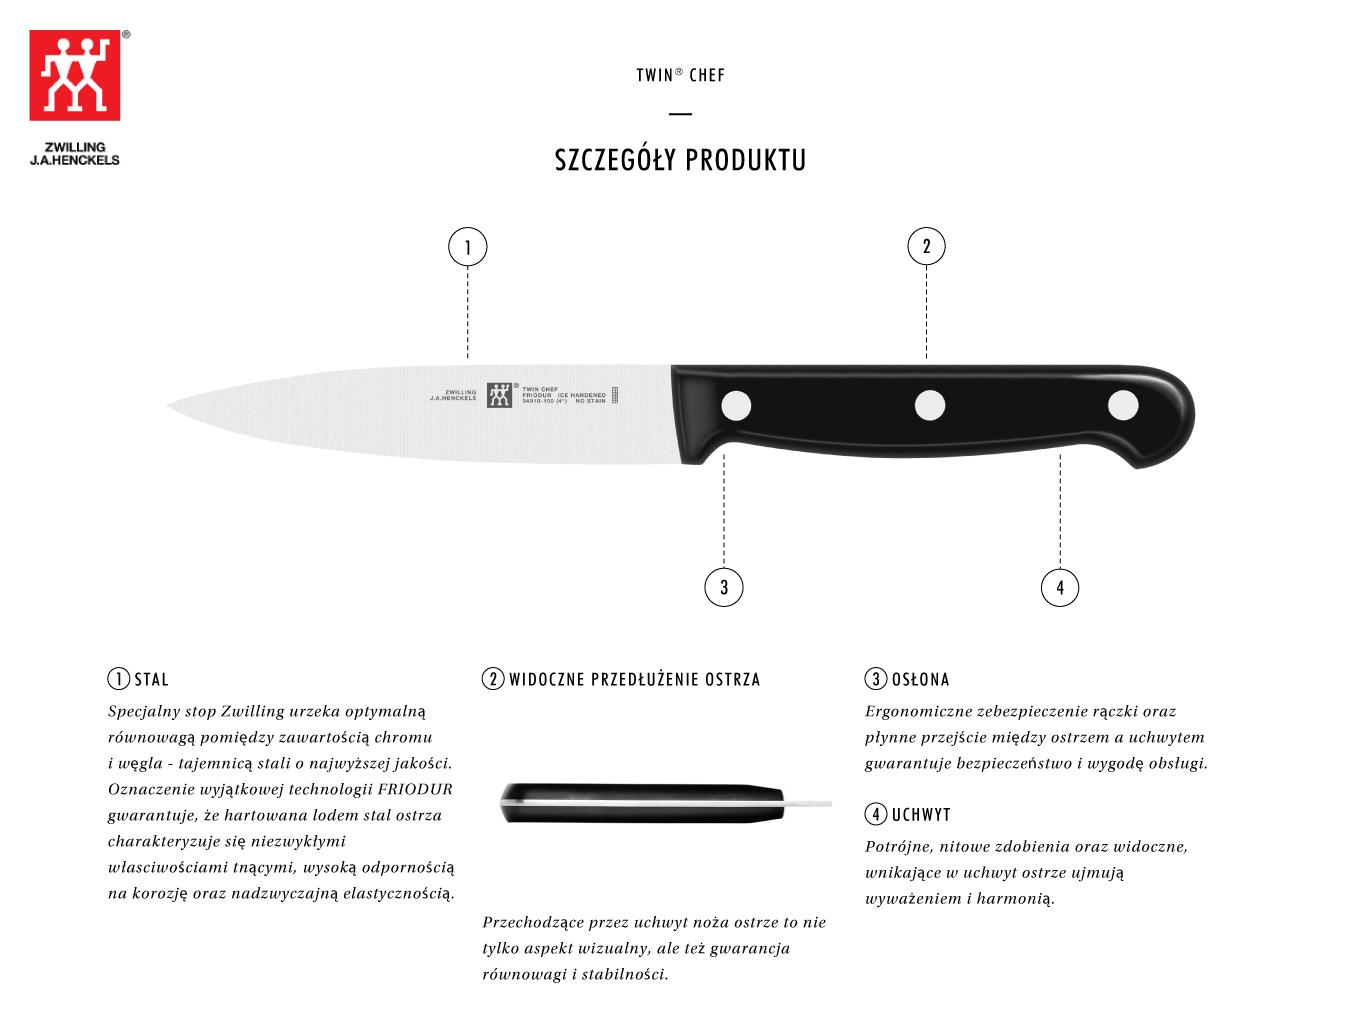 Dlaczego warto kupić nóż do warzyw i owoców Twin® Chef?